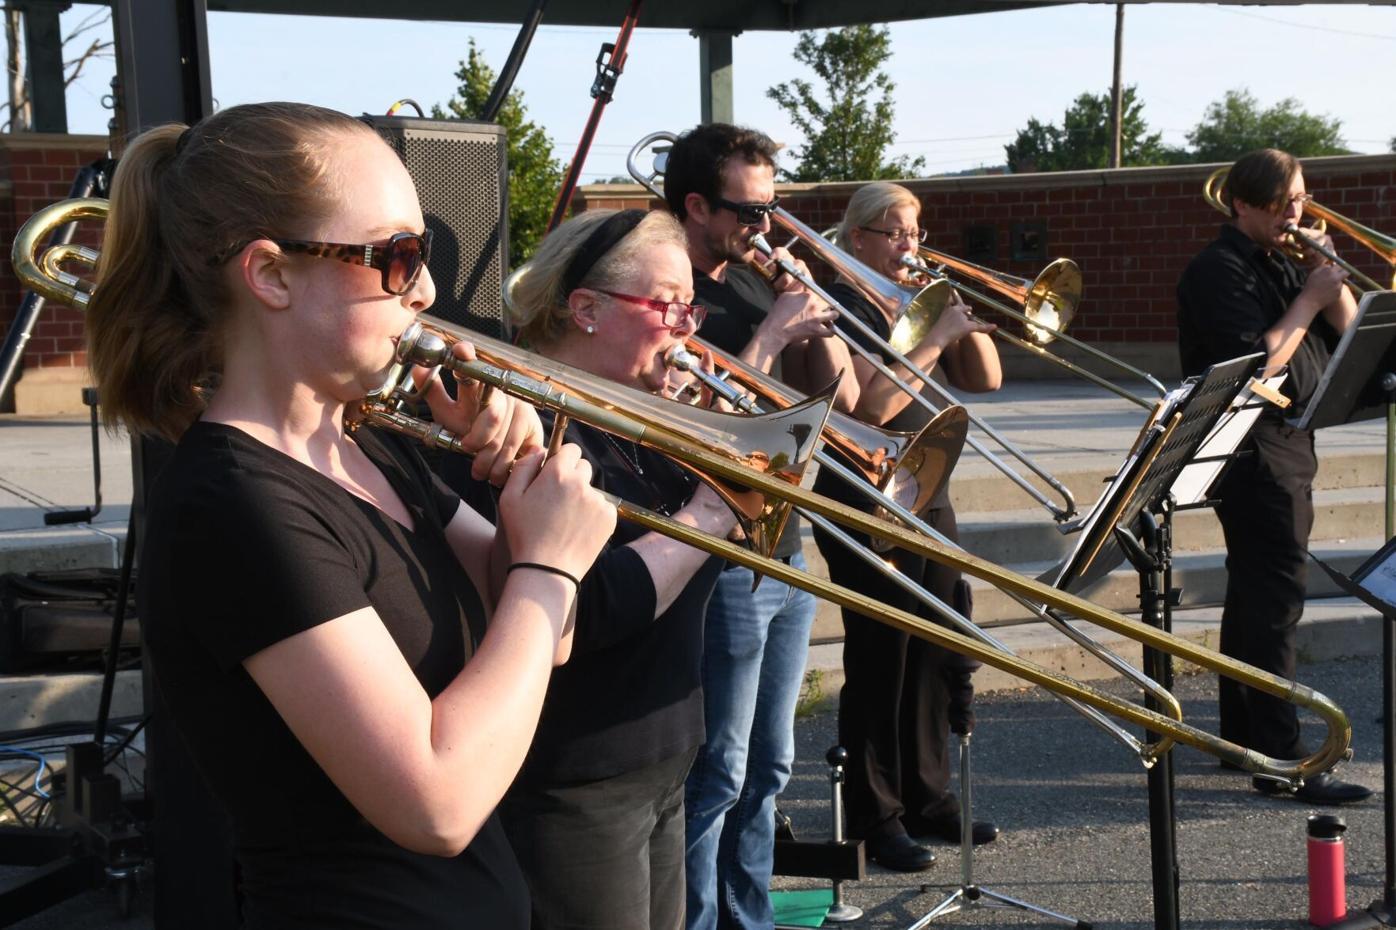 Five musicians play trombones